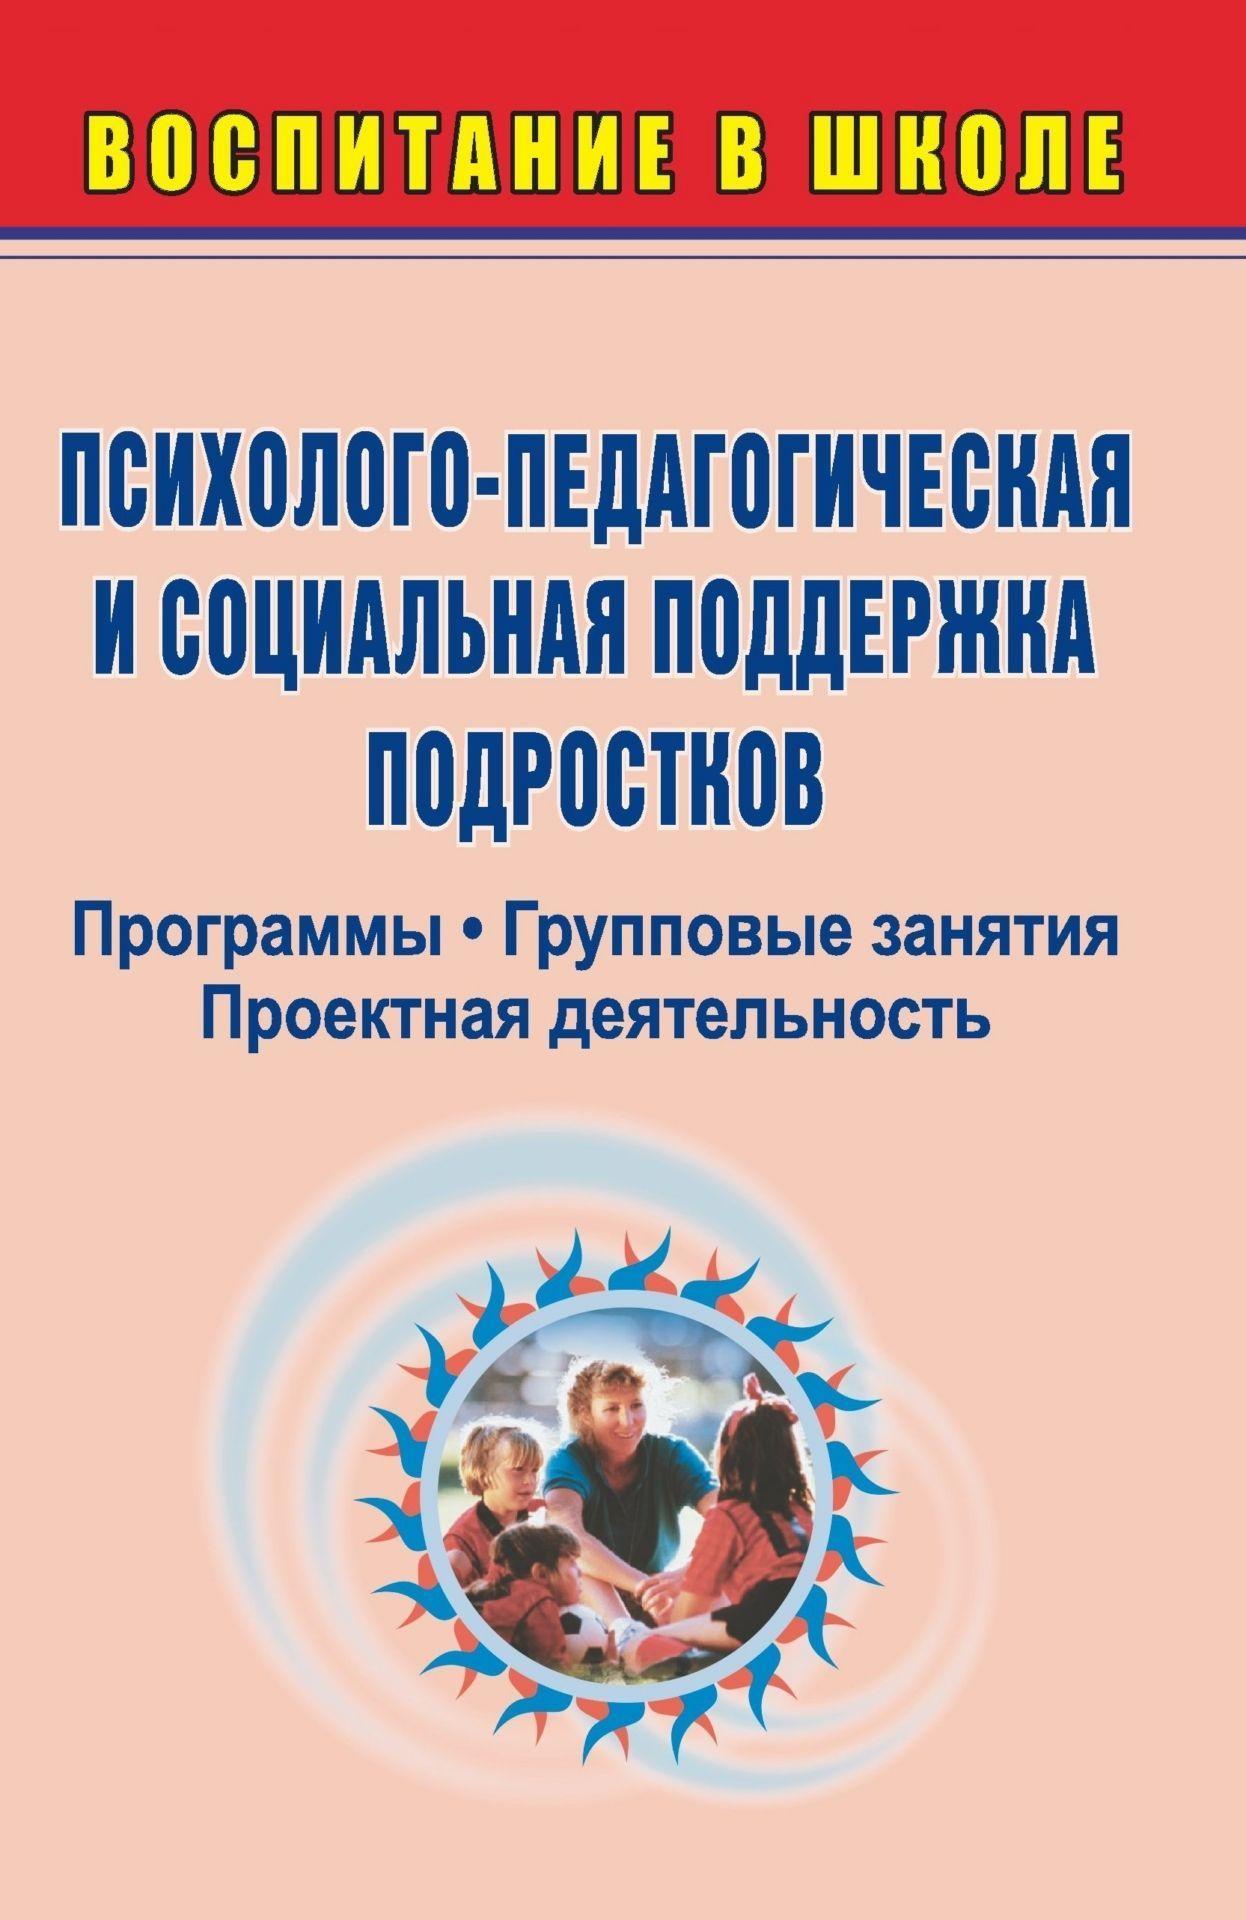 Психолого-педагогическая и социальная поддержка подростков: программы, групповые занятия, проектная деятельностьВоспитание в школе<br>Профилактика отклоняющегося поведения у подростков (в том числе конфликтов в многонациональной среде, зависимости от компьютера) предполагает систему общих и специальных мероприятий.В пособии представлены программы психолого-педагогической и социальной  п...<br><br>Авторы: Пырочкина С. А., Погорелова О. П.<br>Год: 2008<br>Серия: Воспитание в школе<br>ISBN: 978-5-7057-1541-1<br>Высота: 213<br>Ширина: 138<br>Толщина: 5